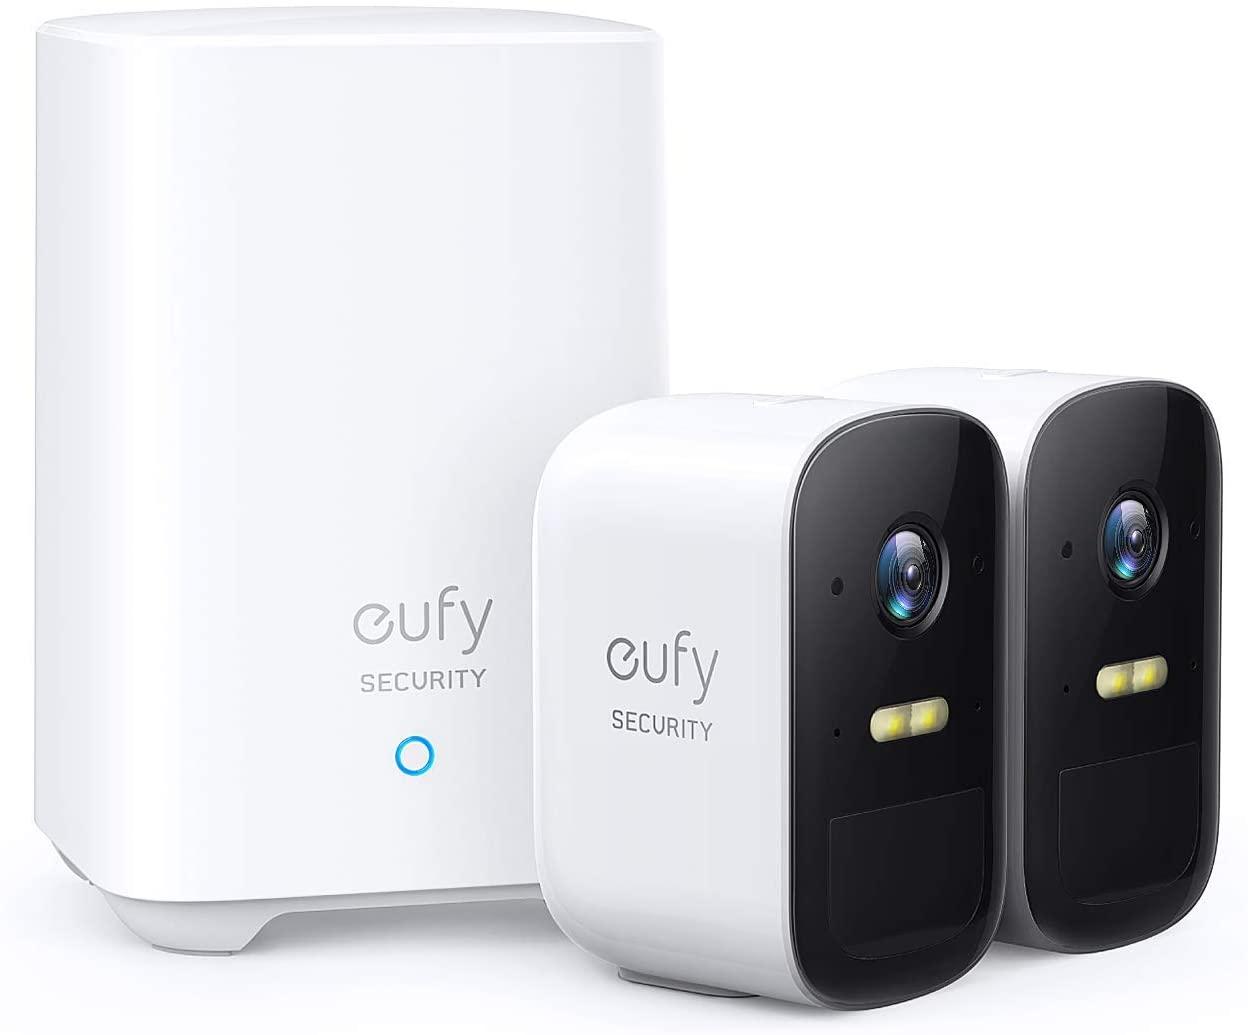 Mejores sistemas de vigilancia Eufy